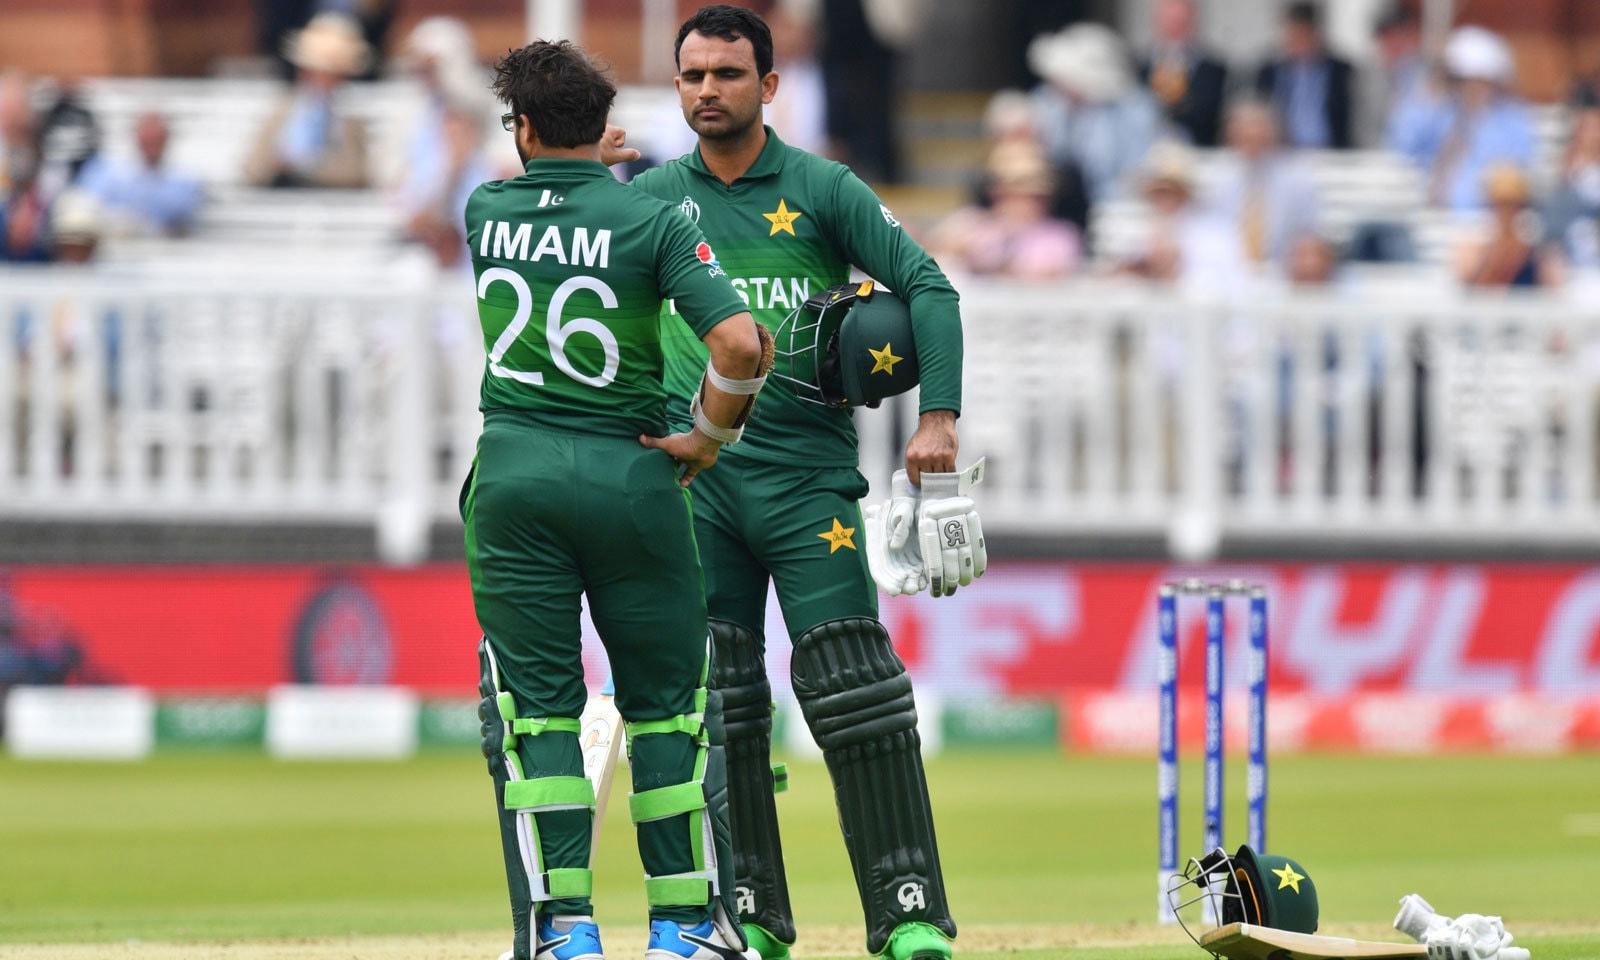 پاکستانی اوپنرز نے ٹیم کو 81رنز کا شاندار آغاز فراہم کیا— فوٹو: اے ایف پی